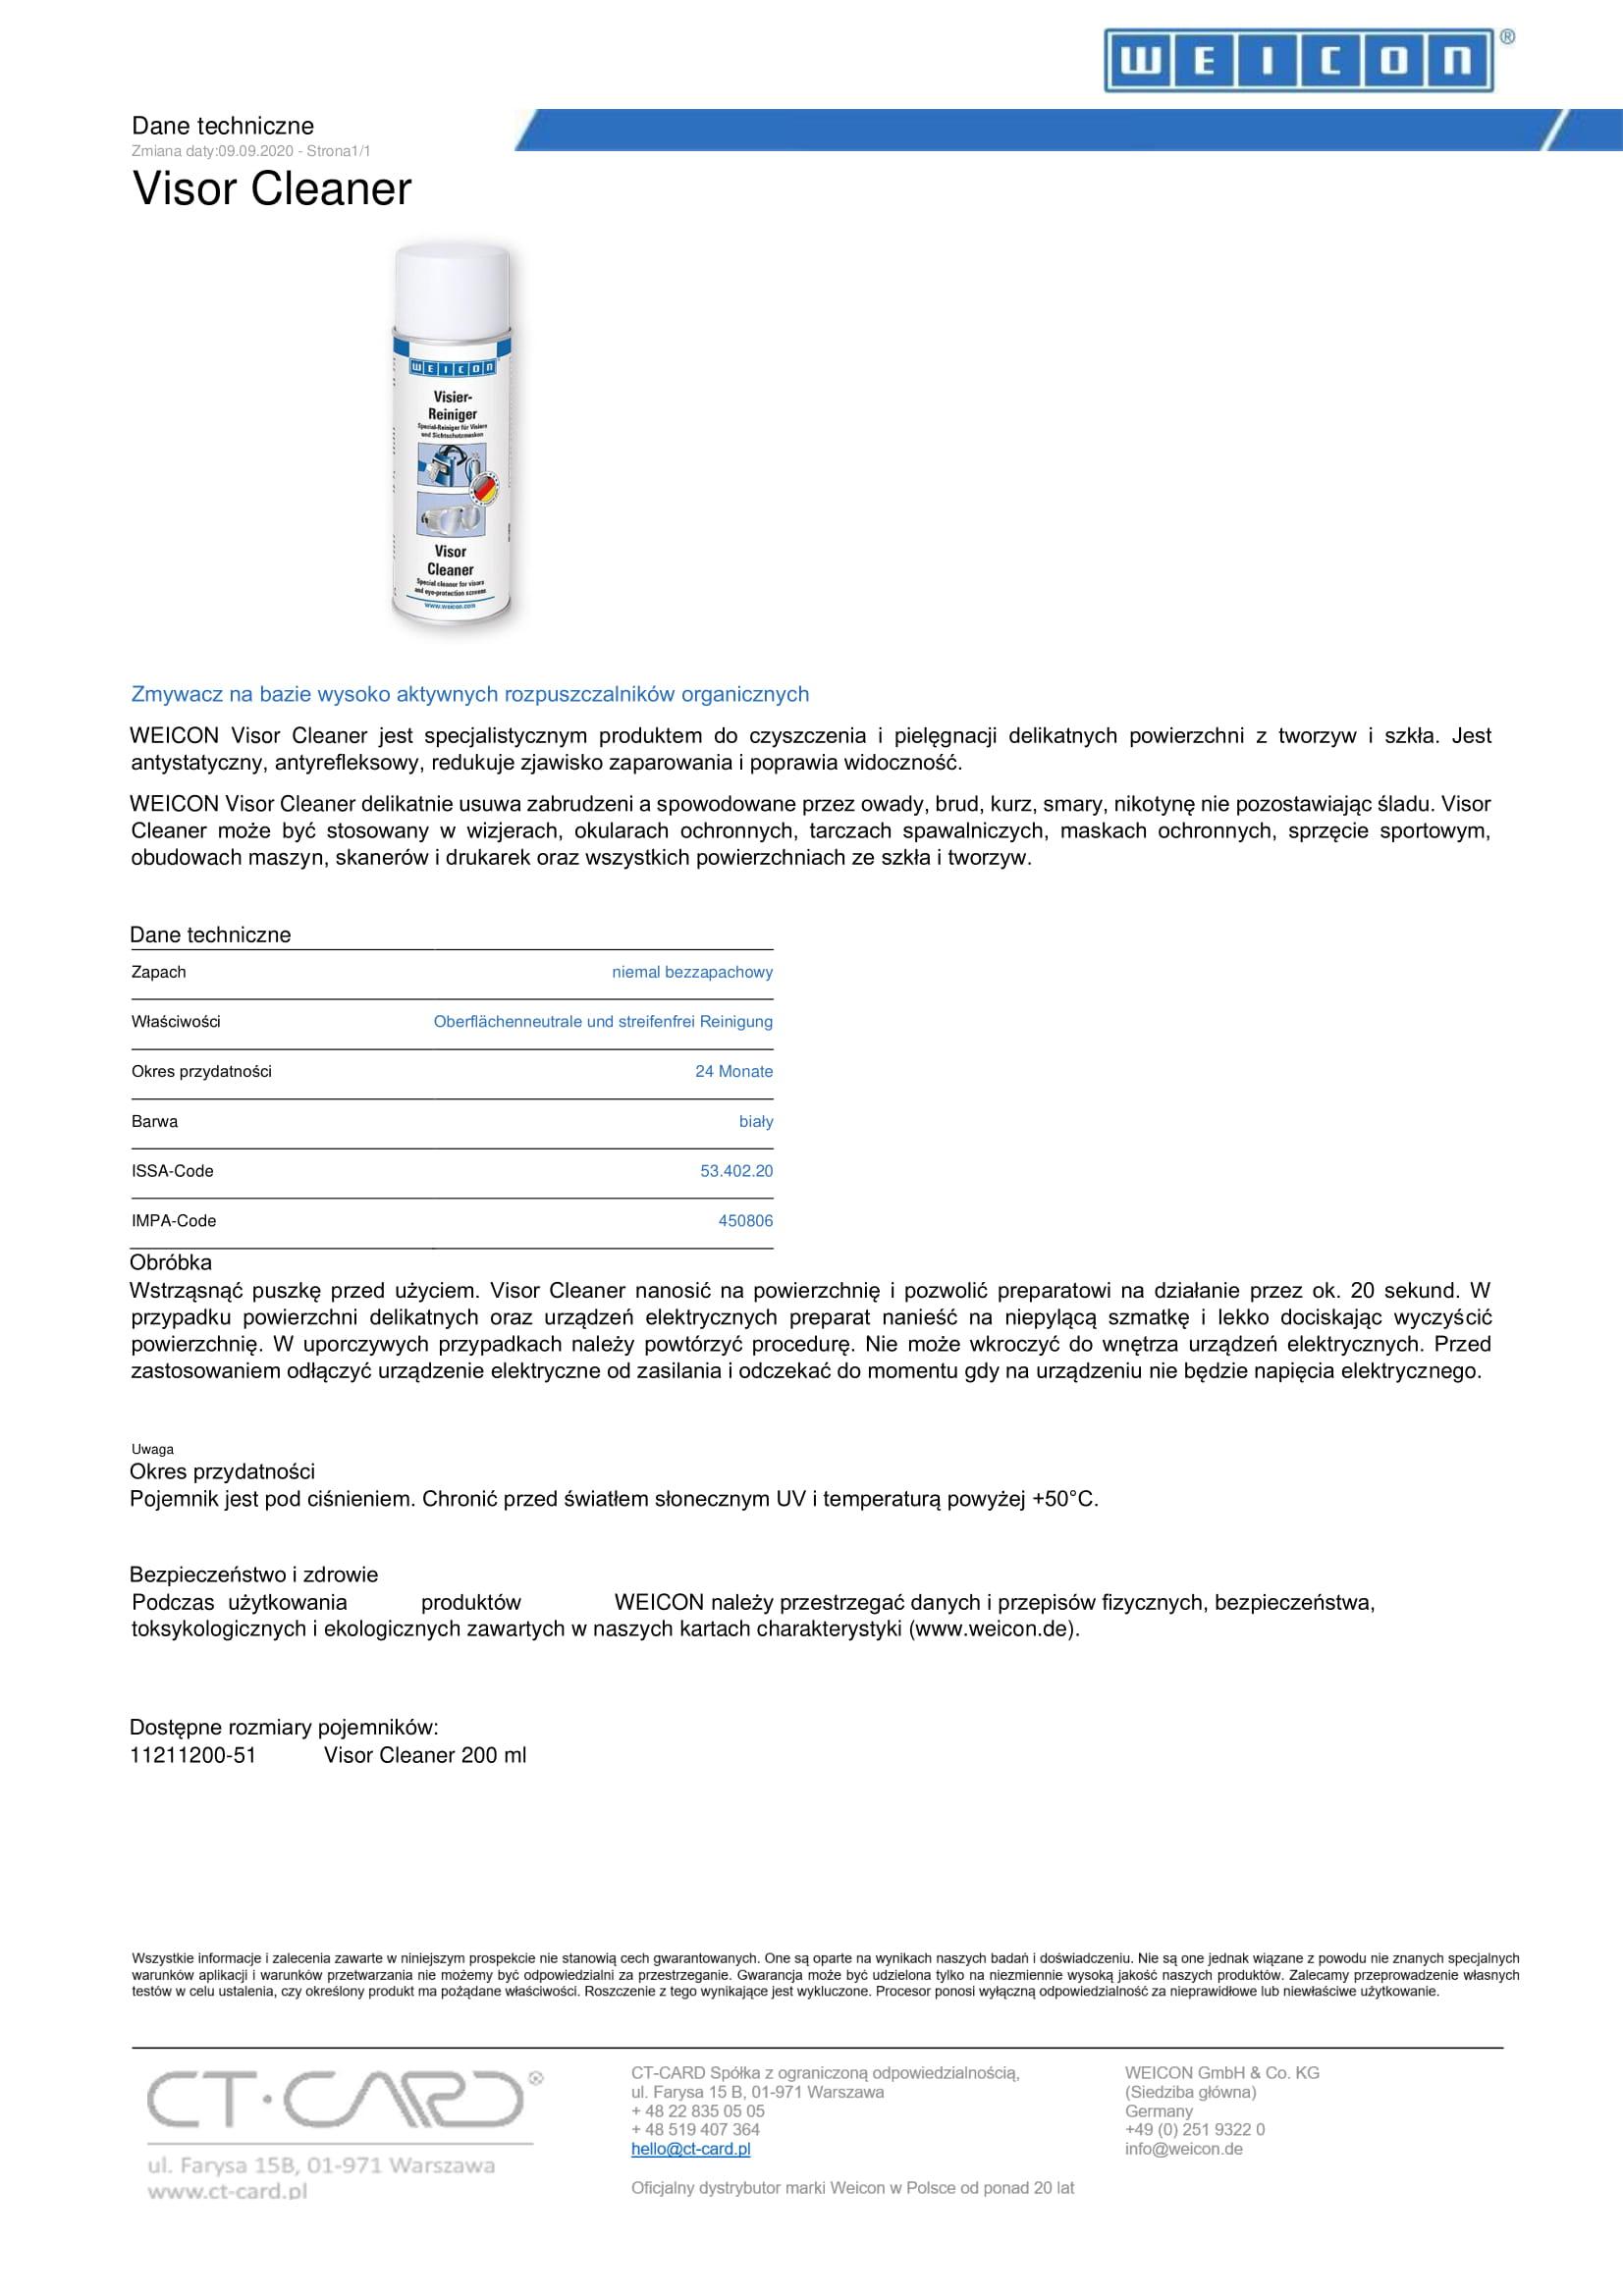 TDS_11211200_PL_Visor_Cleaner-1